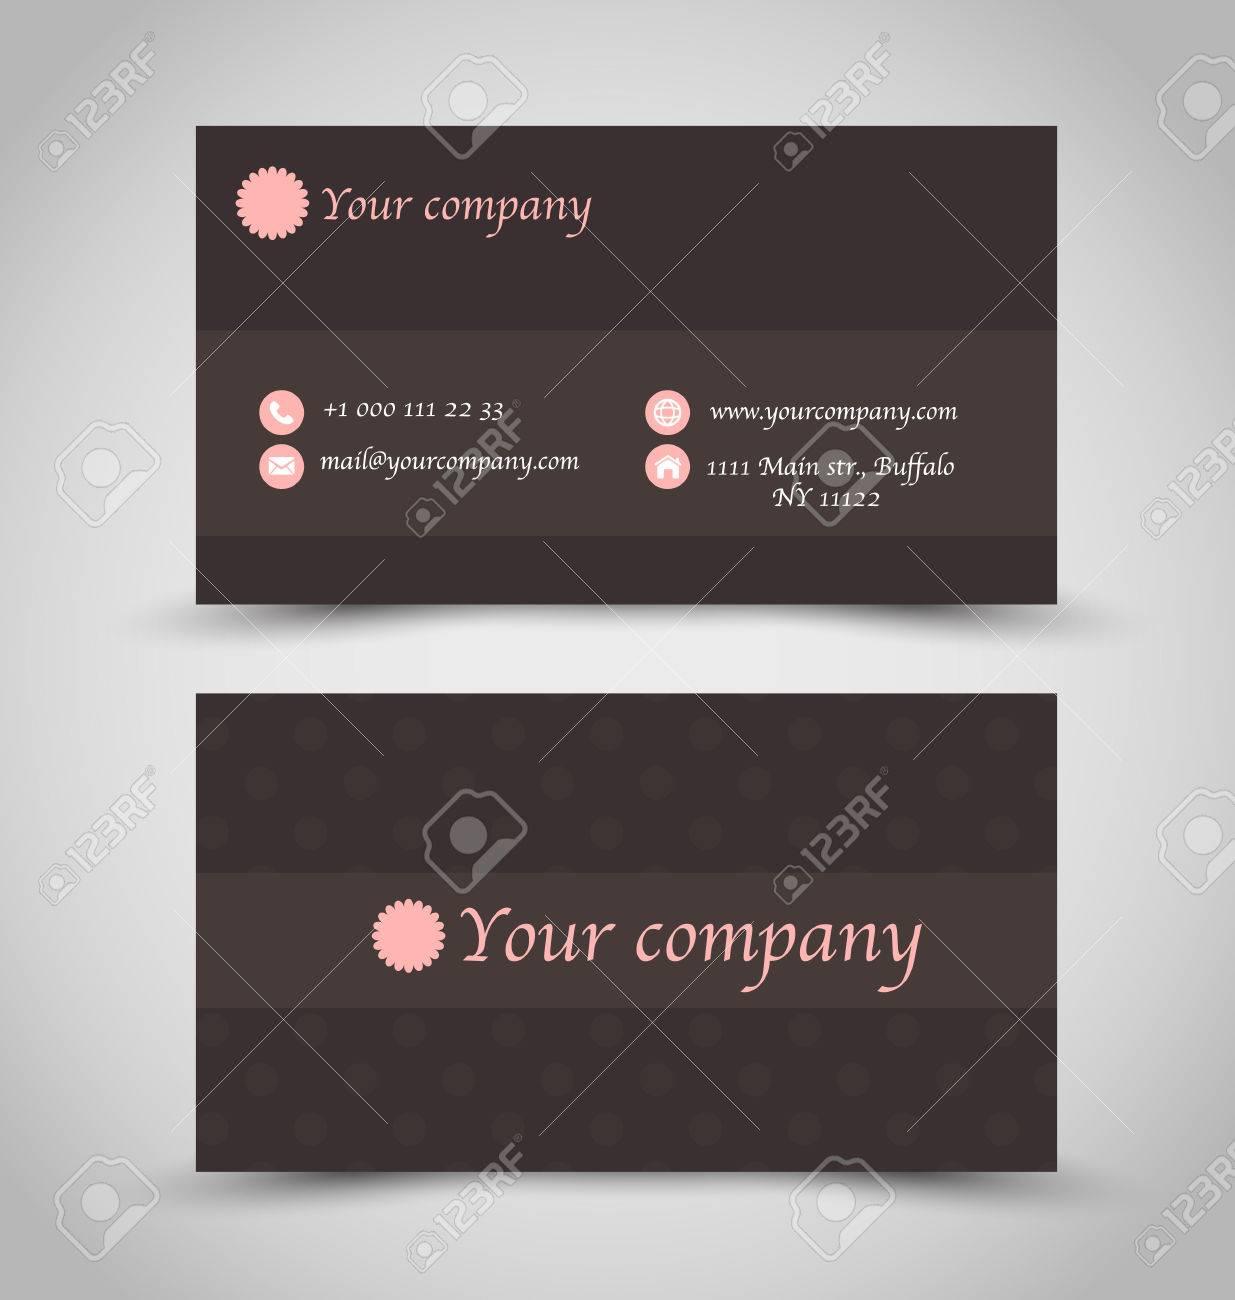 Carte De Visite Mis Modle Couleur Brun Chocolat Impression Rose Icnes Contact